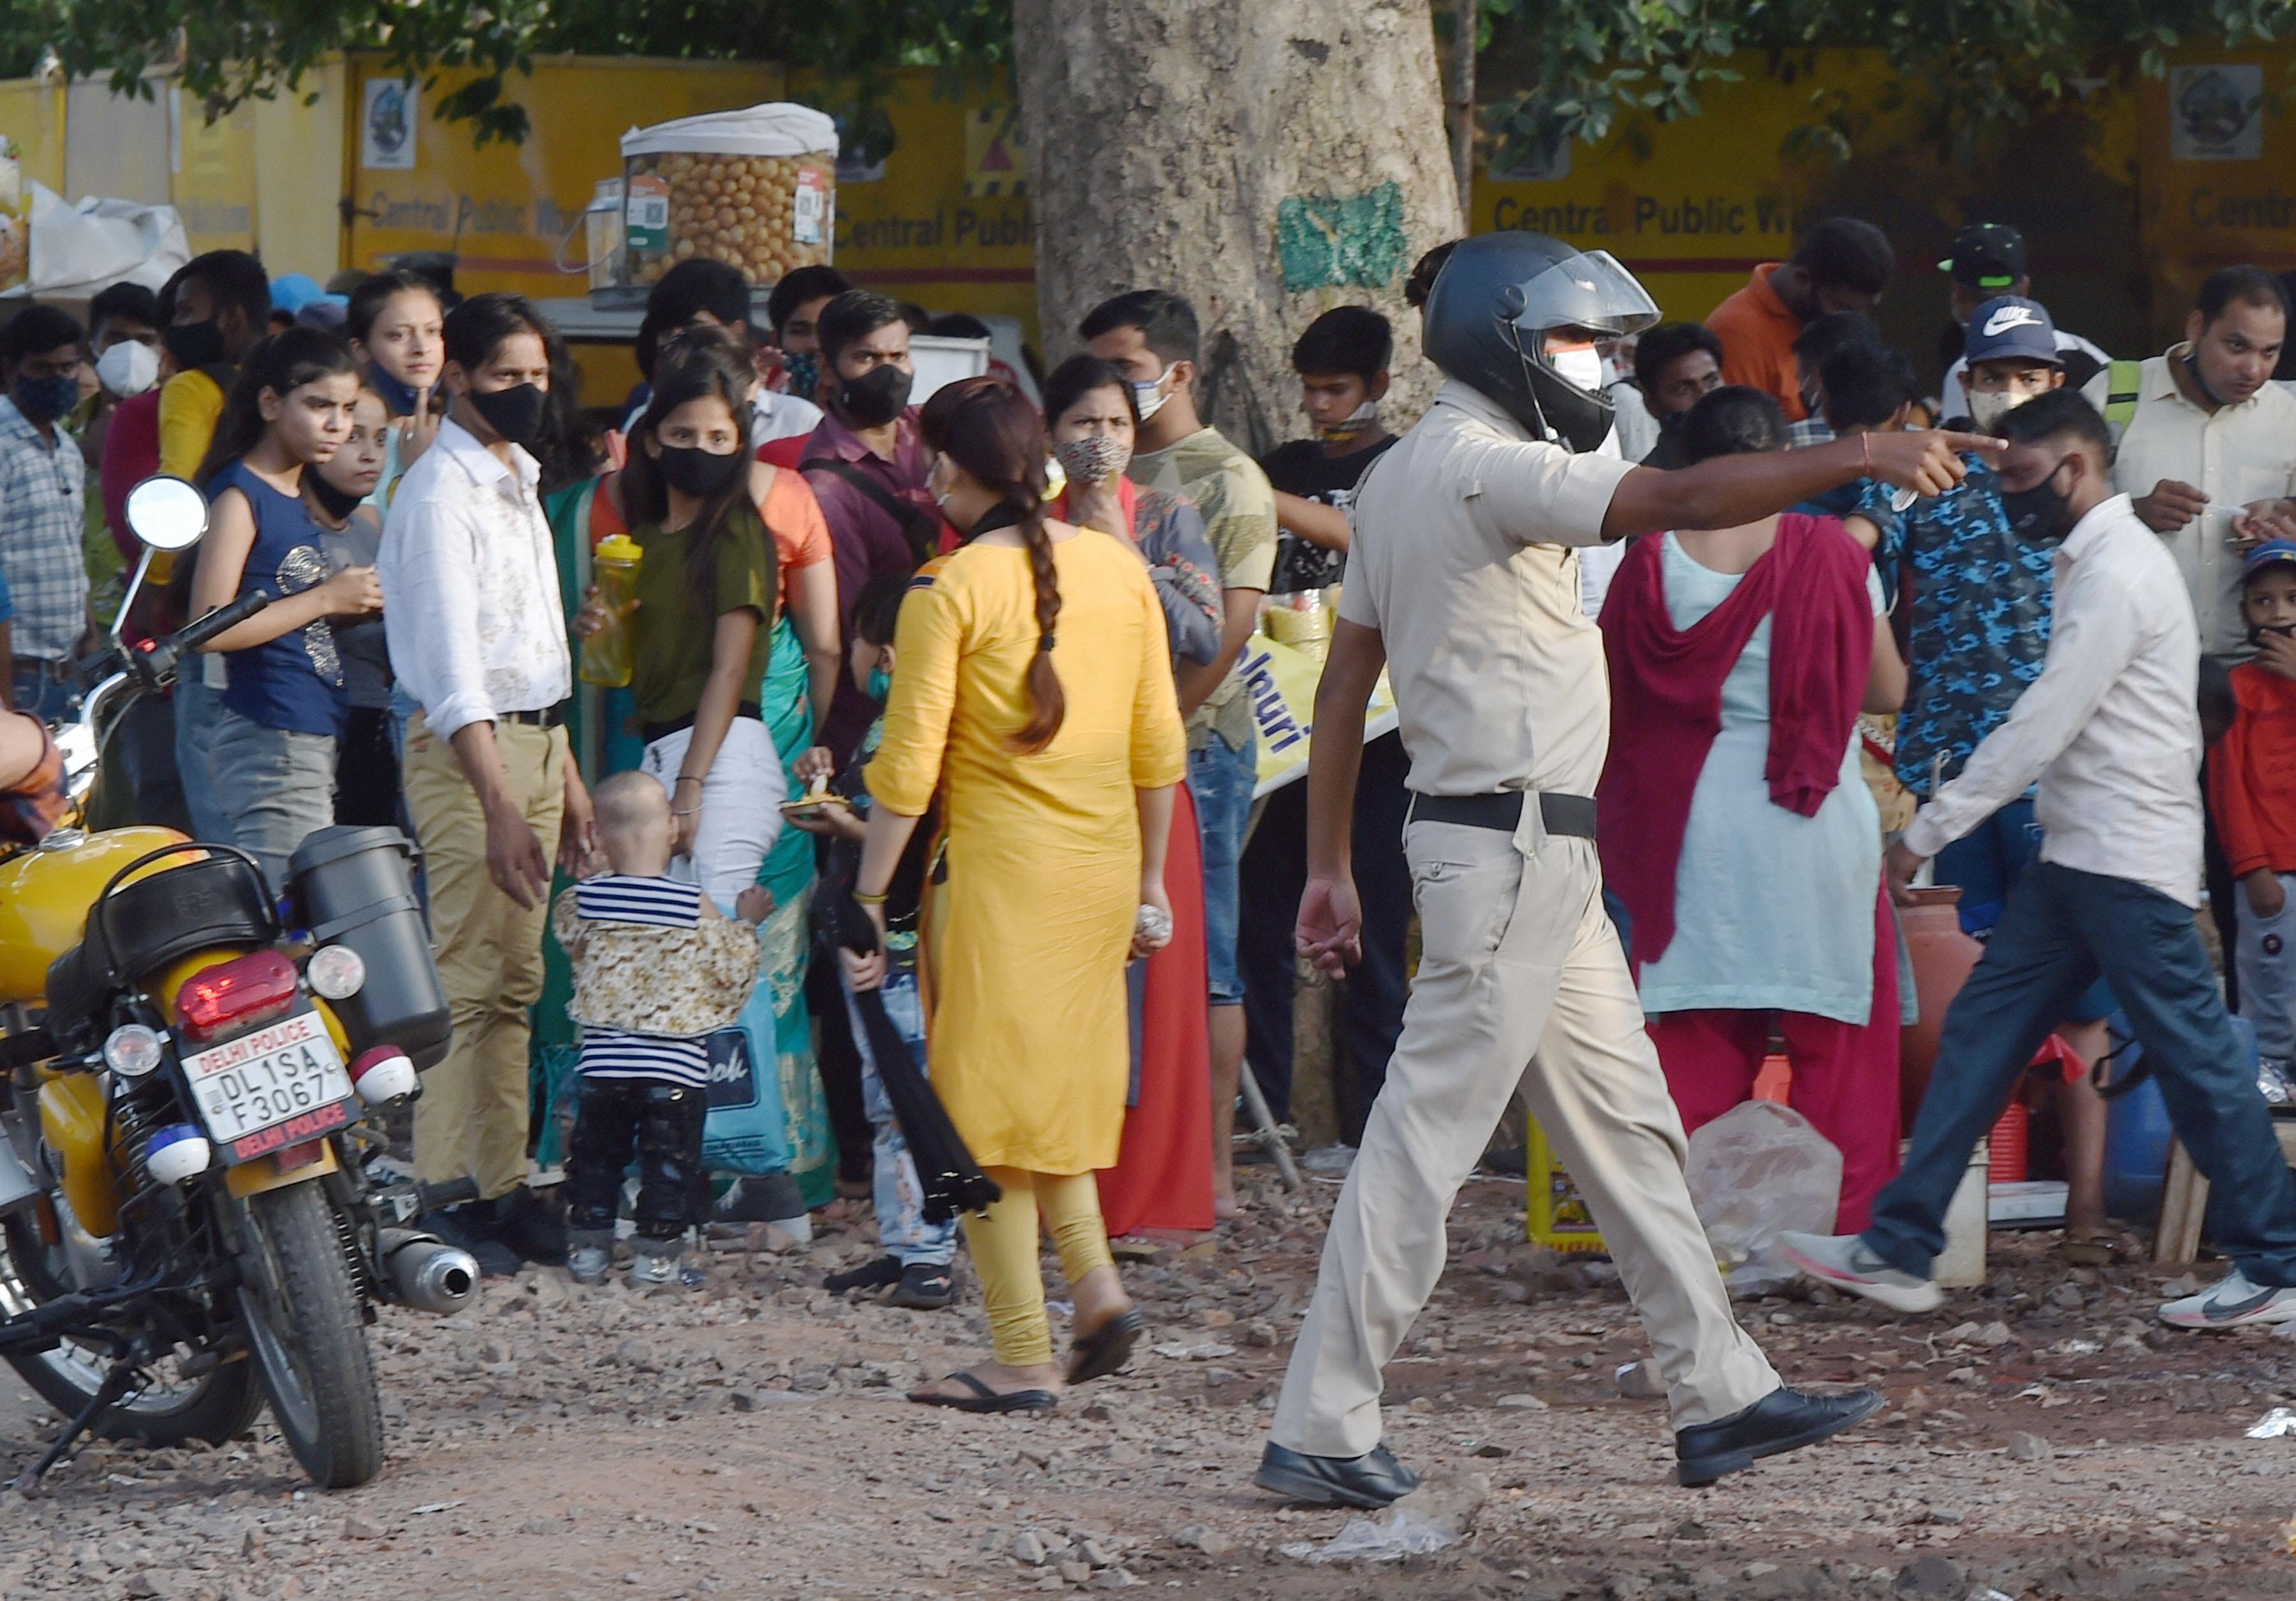 গত ২৪ ঘণ্টায় করোনা আক্রান্ত : বুধবার দেশে ৪১,৩৮৩ জন নতুন করে কোভিড আক্রান্ত হয়েছেন। ফাইল ছবি : পিটিআই (PTI)